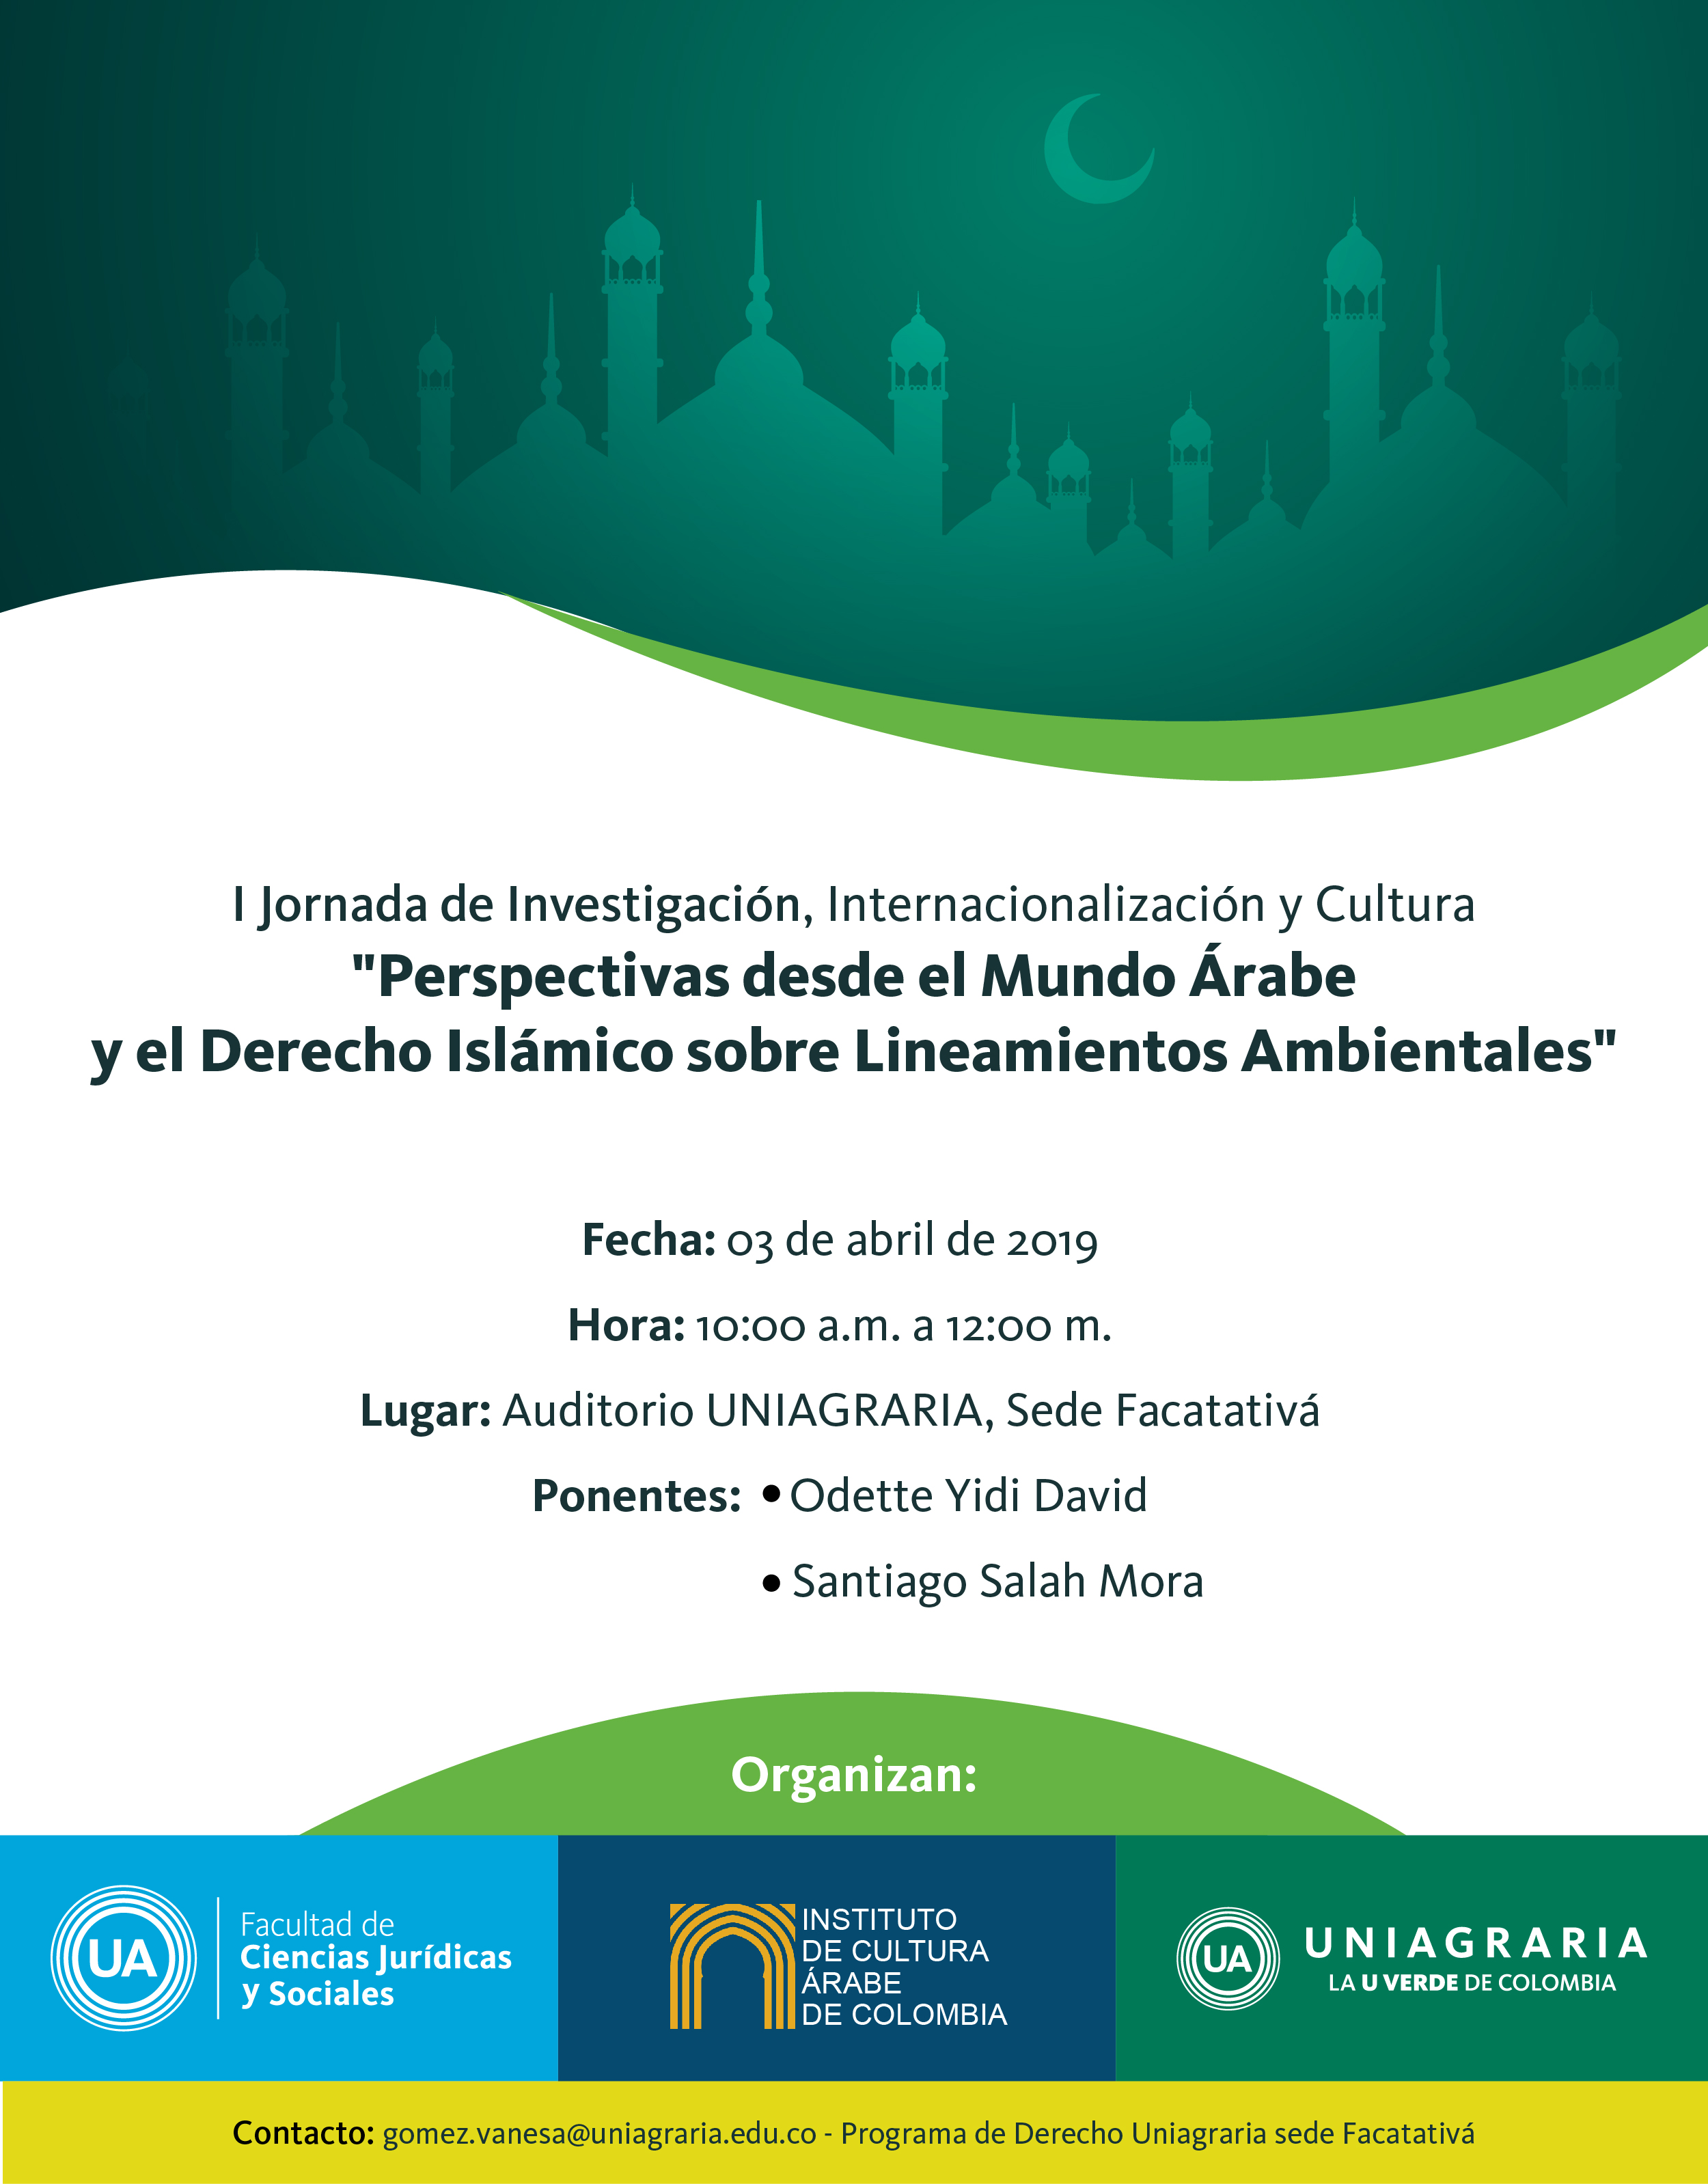 """I Jornada de Investigación, Internacionalización y Cultura """"Perspectivas desde el Mundo Árabe y el derecho Islámico sobre Lineamientos Ambientales"""""""""""